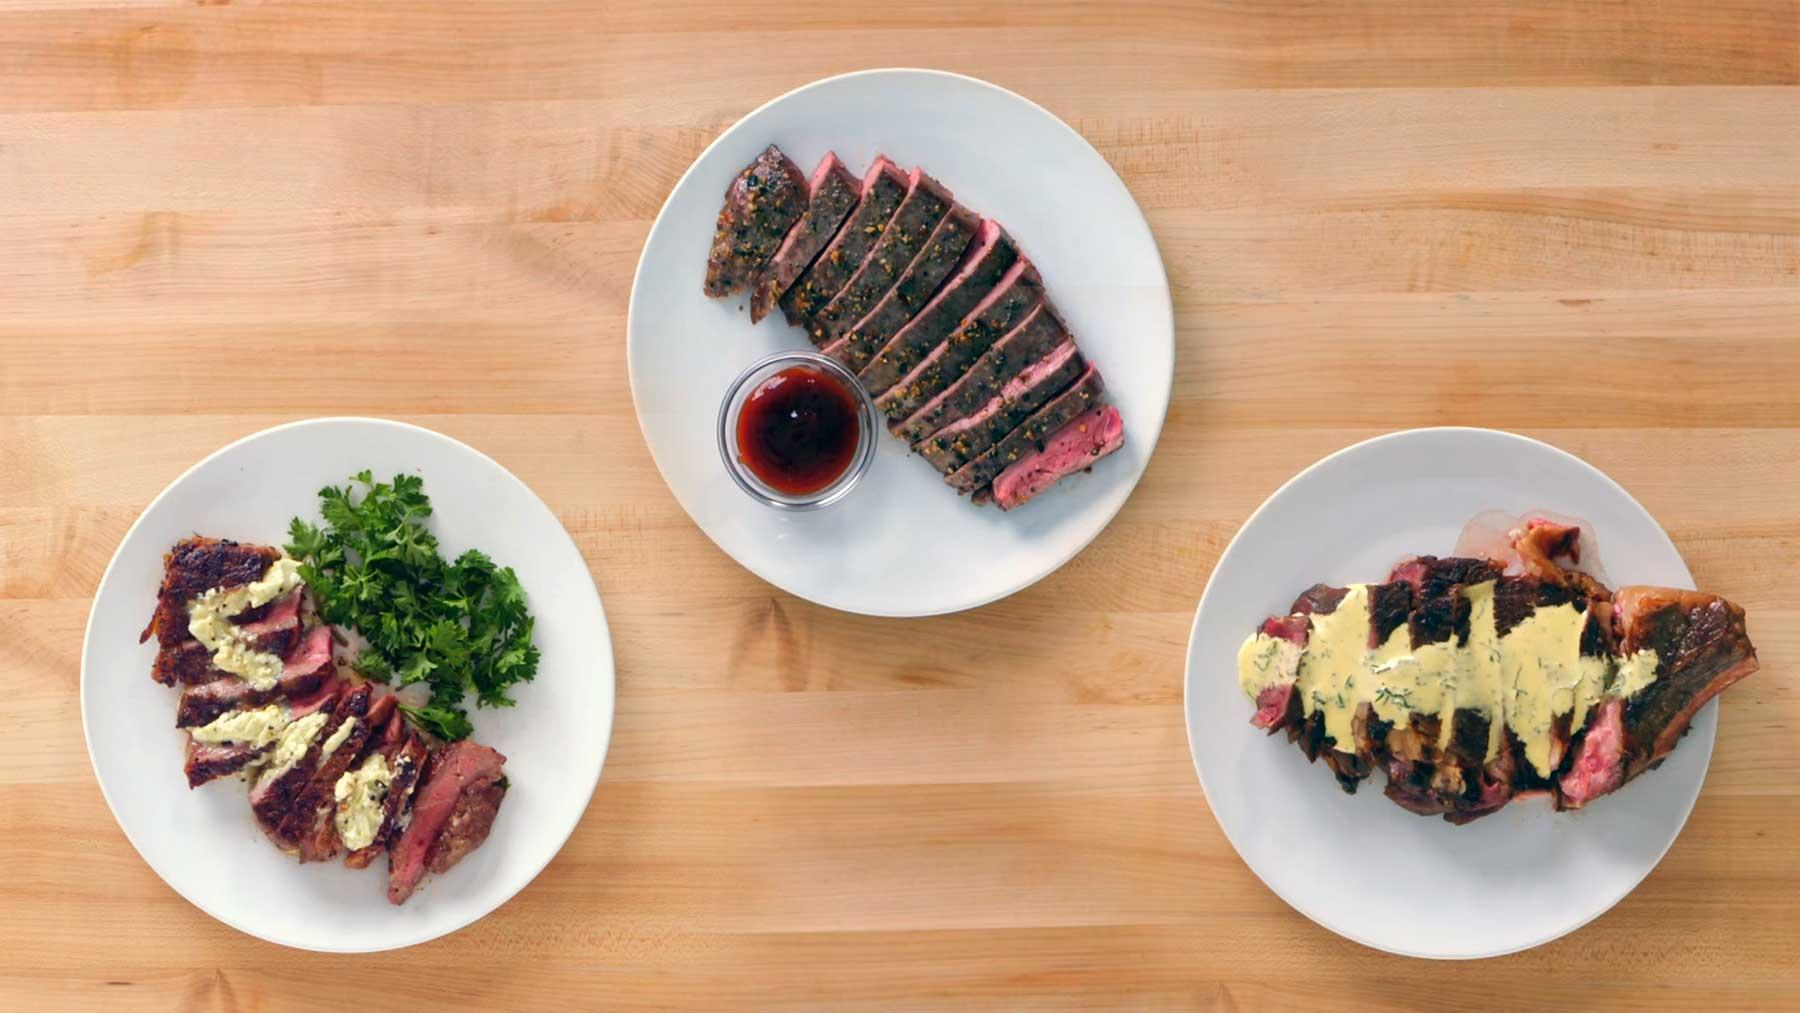 Köche unterschiedlicher Fähigkeitsstufen braten Steak